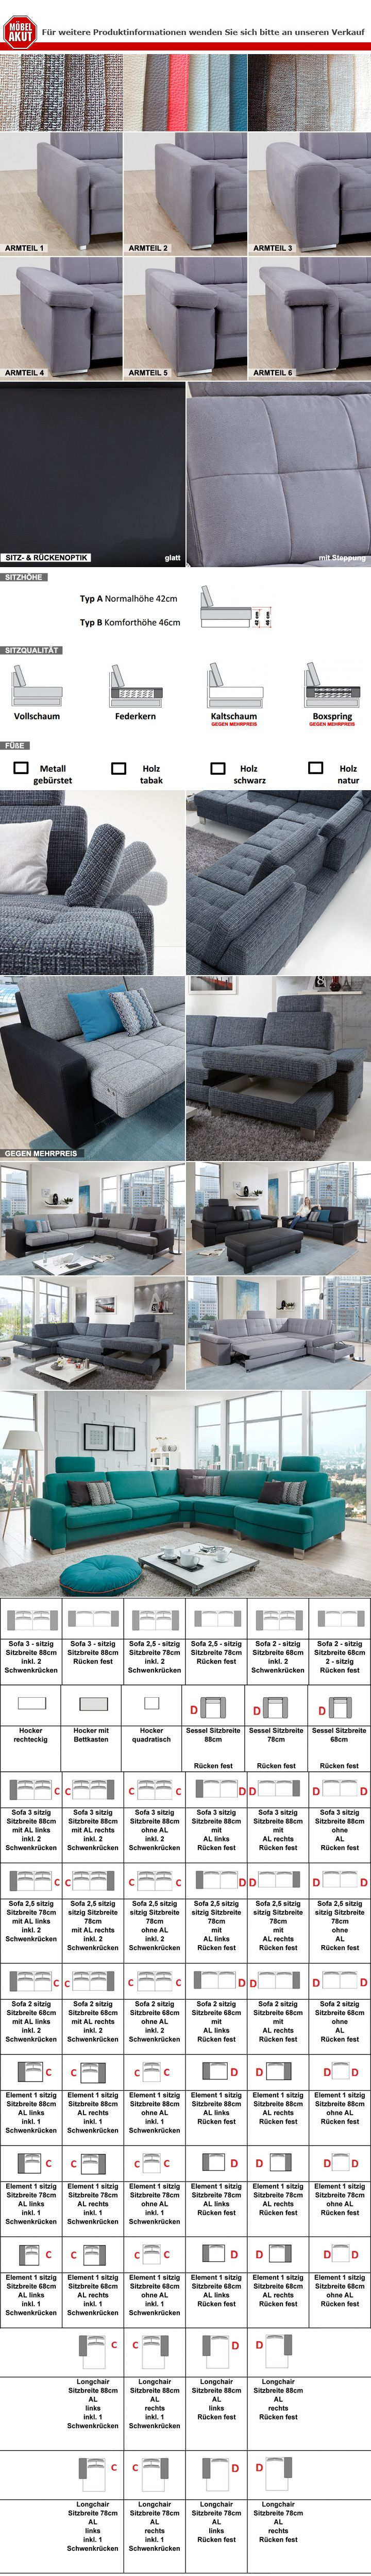 Sofa Puzzle 2 Sitzer 2er Couch Polstermöbel in Lederlook schwarz